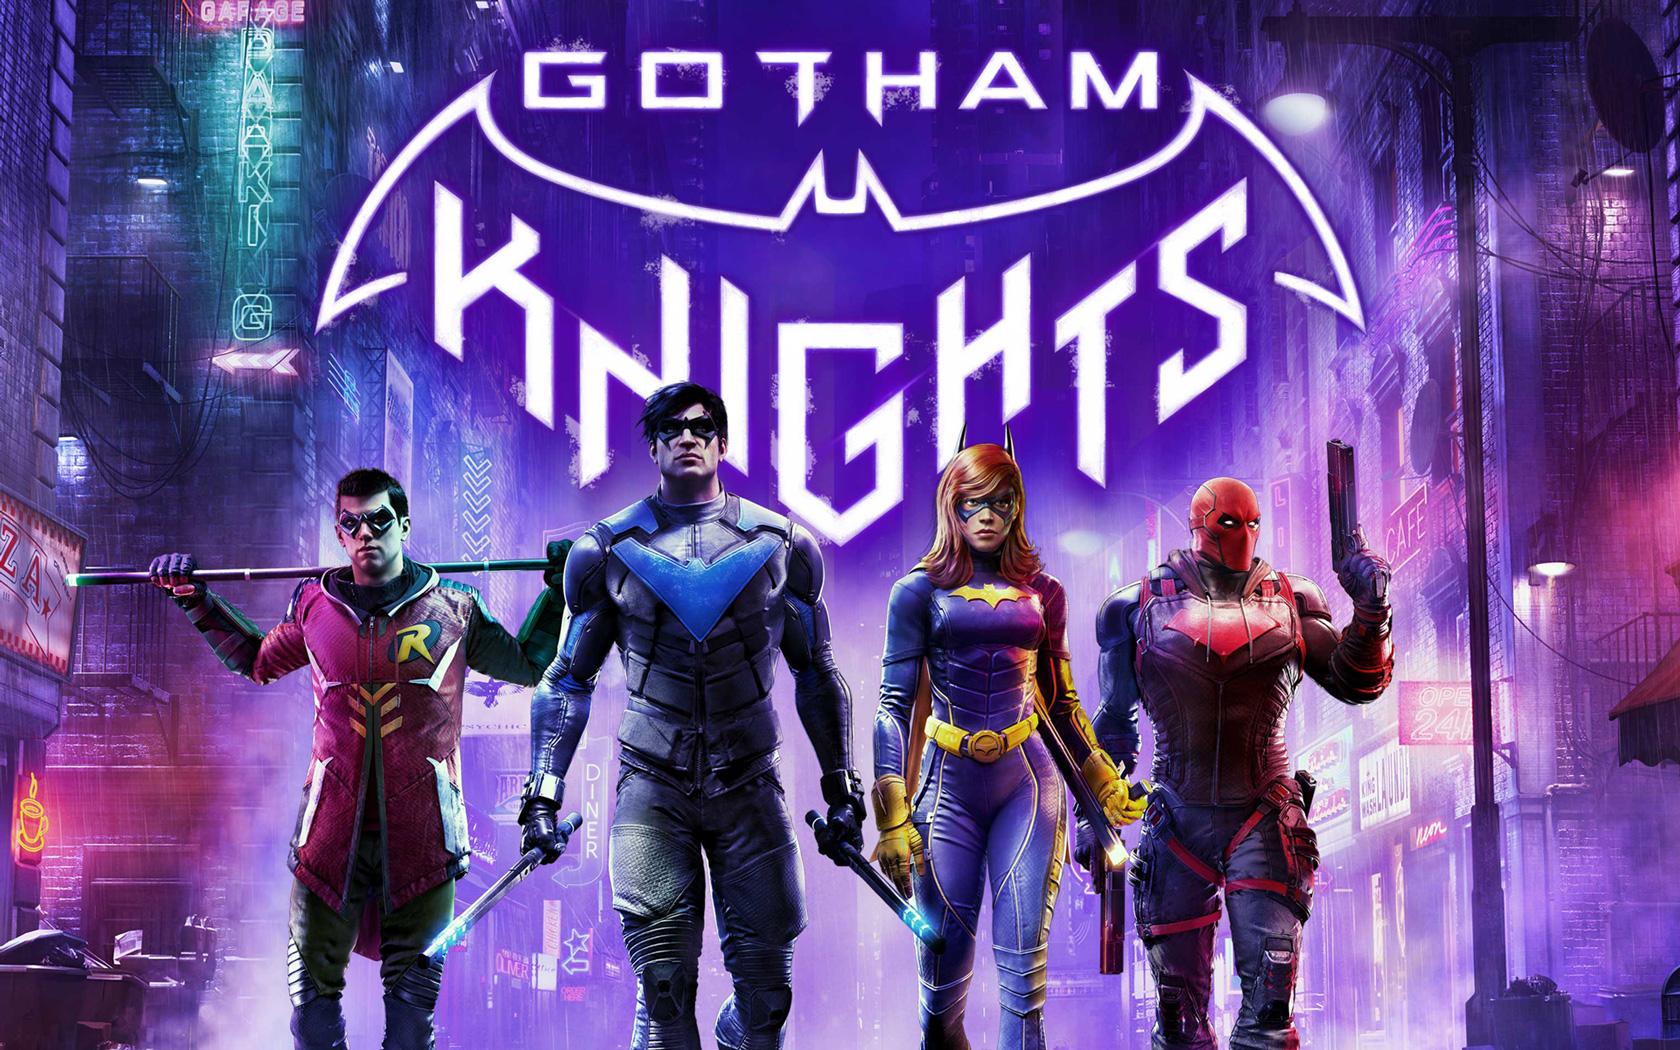 Free Gotham Knights Wallpaper in 1680x1050